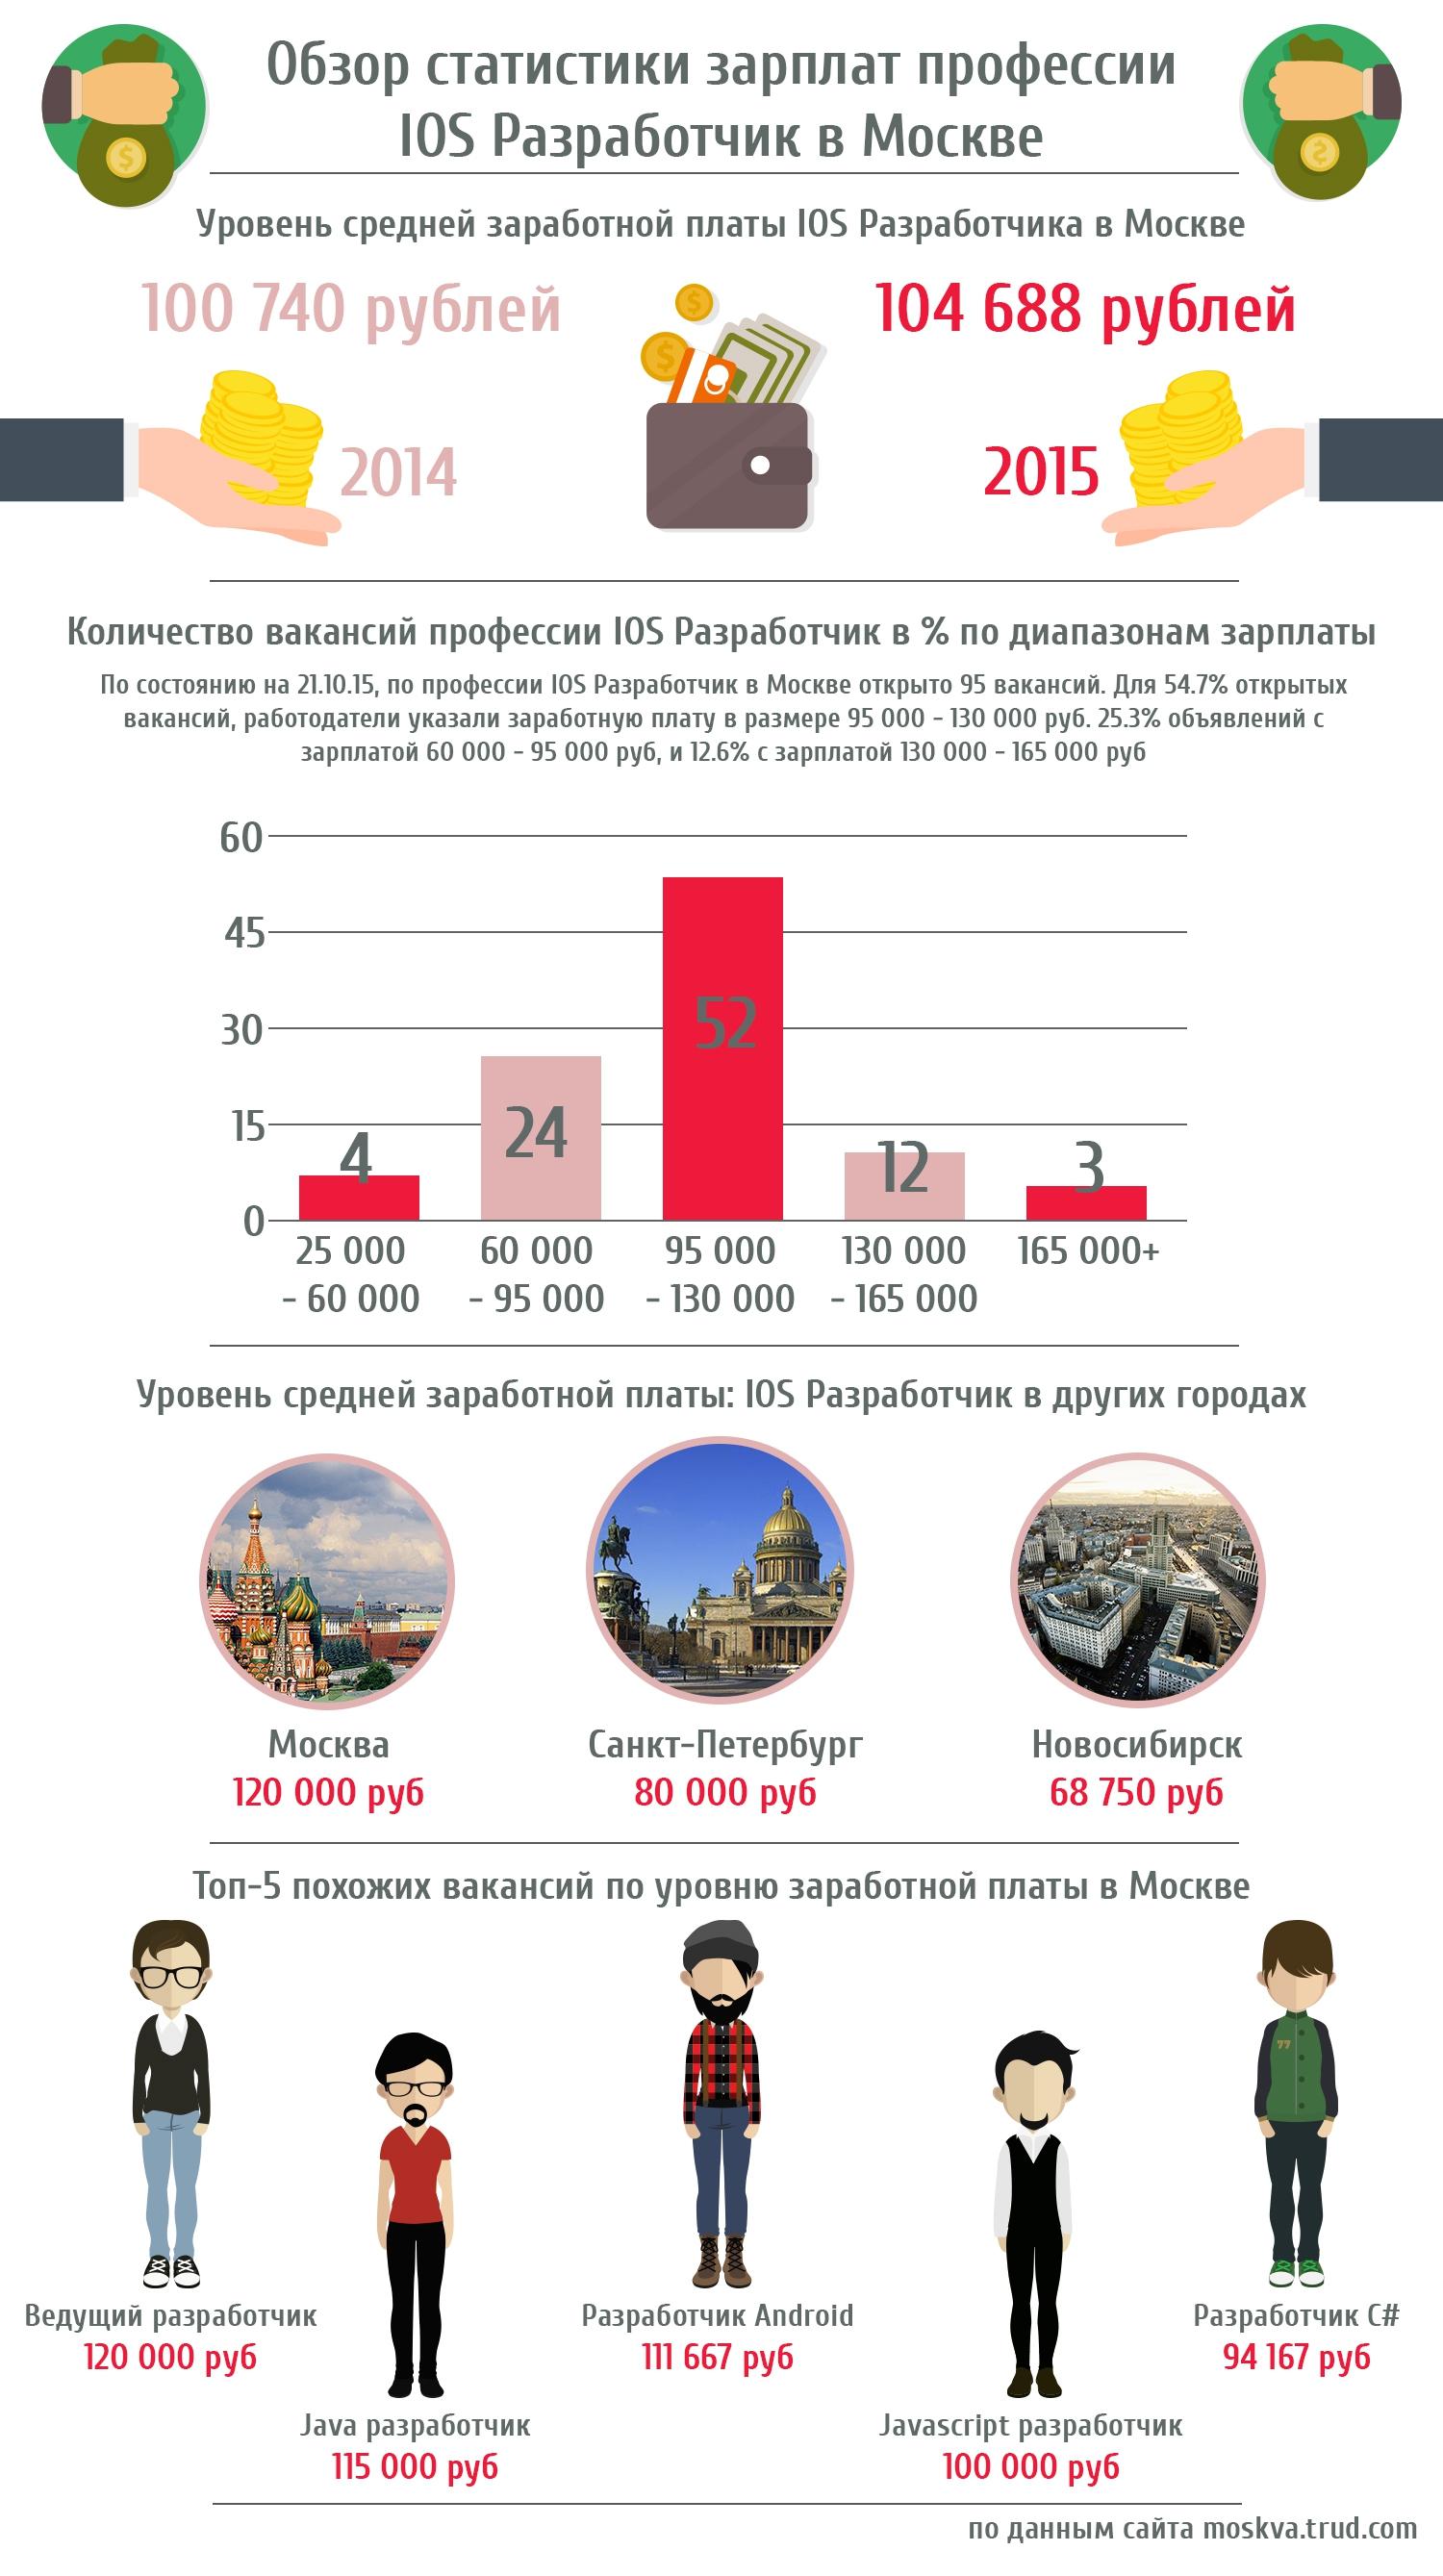 Зарплаты iOS-разработчиков в Москве